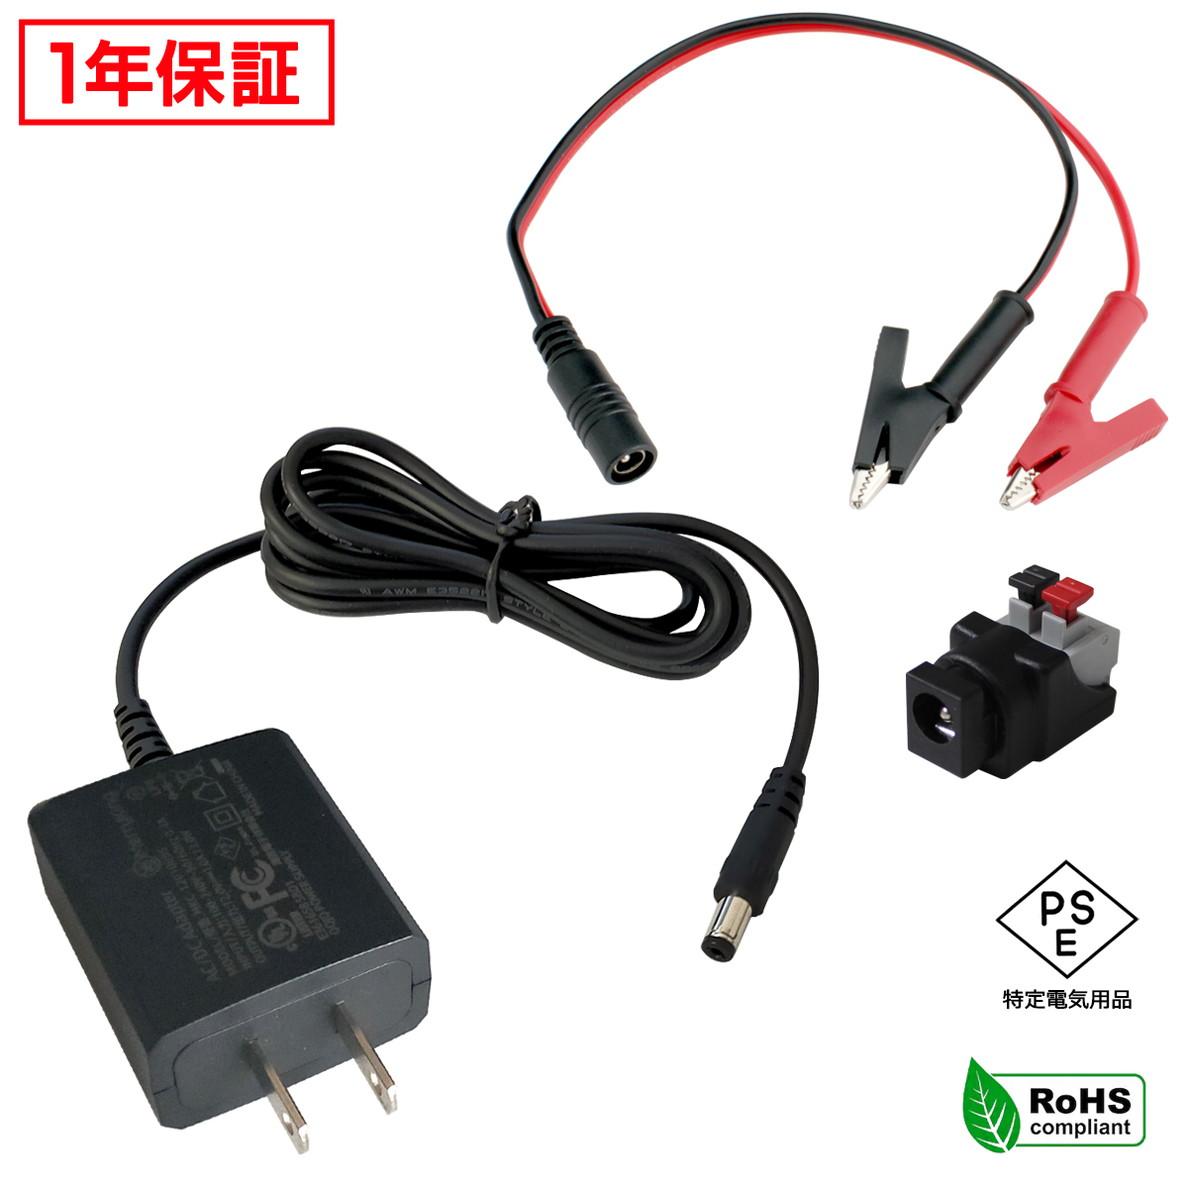 0973(1セット) [小型] ACアダプタ- 12V/1A AC100V〜240V + 片側メスジャック (5.5-2.1mm) わに口クリップ (メスコネクタ付)PSE/RoHS対応 1年保証